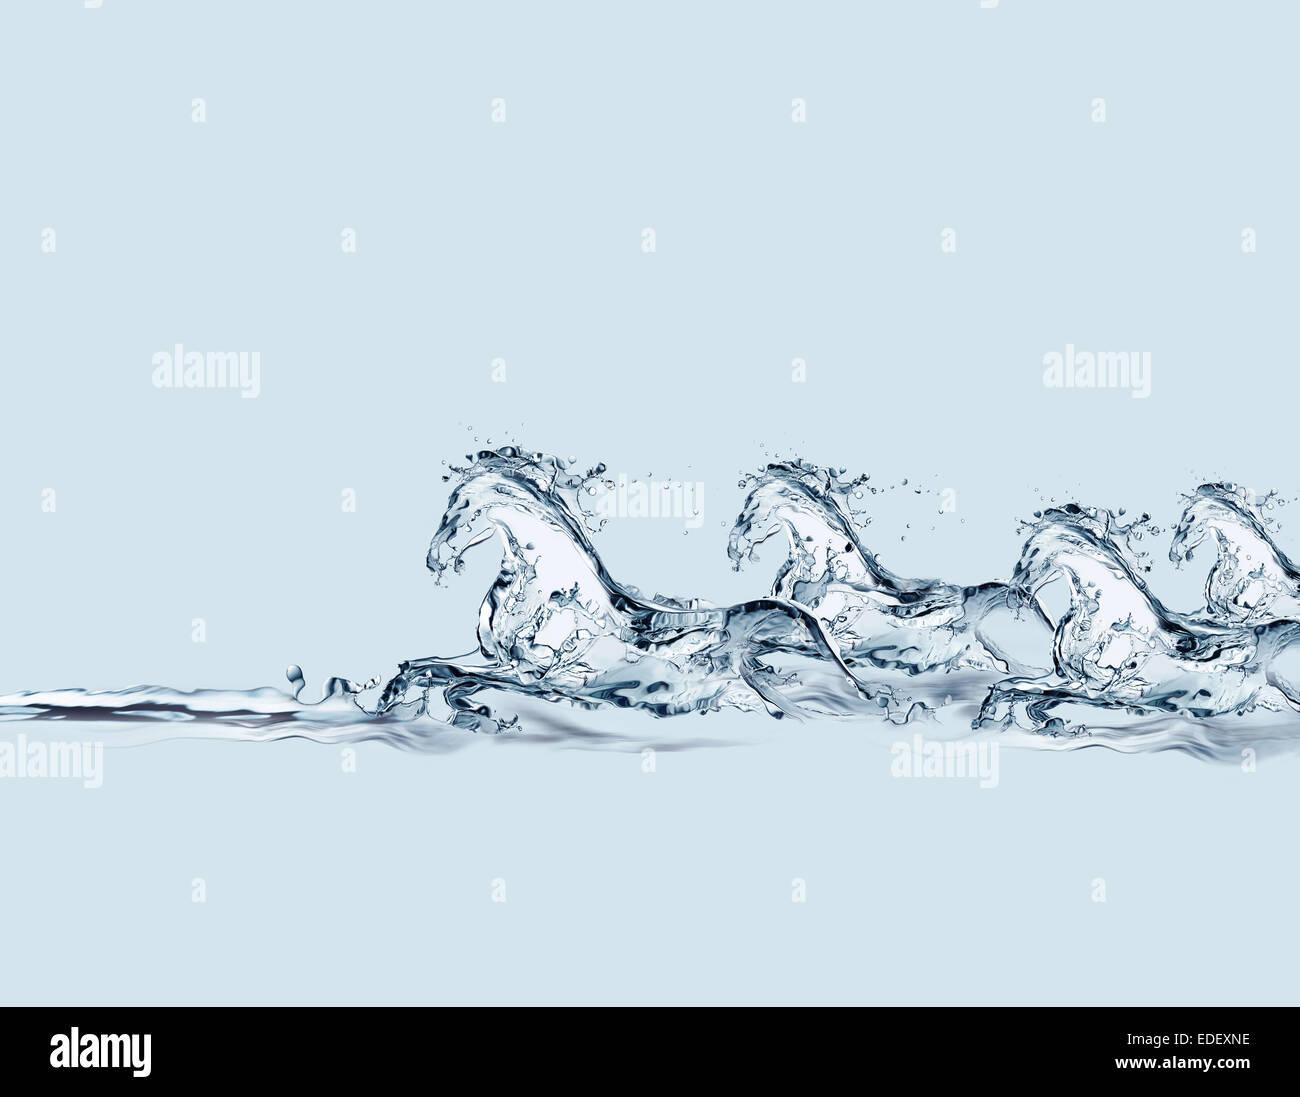 Un groupe de chevaux galopant fait d'eau dans l'eau. Photo Stock